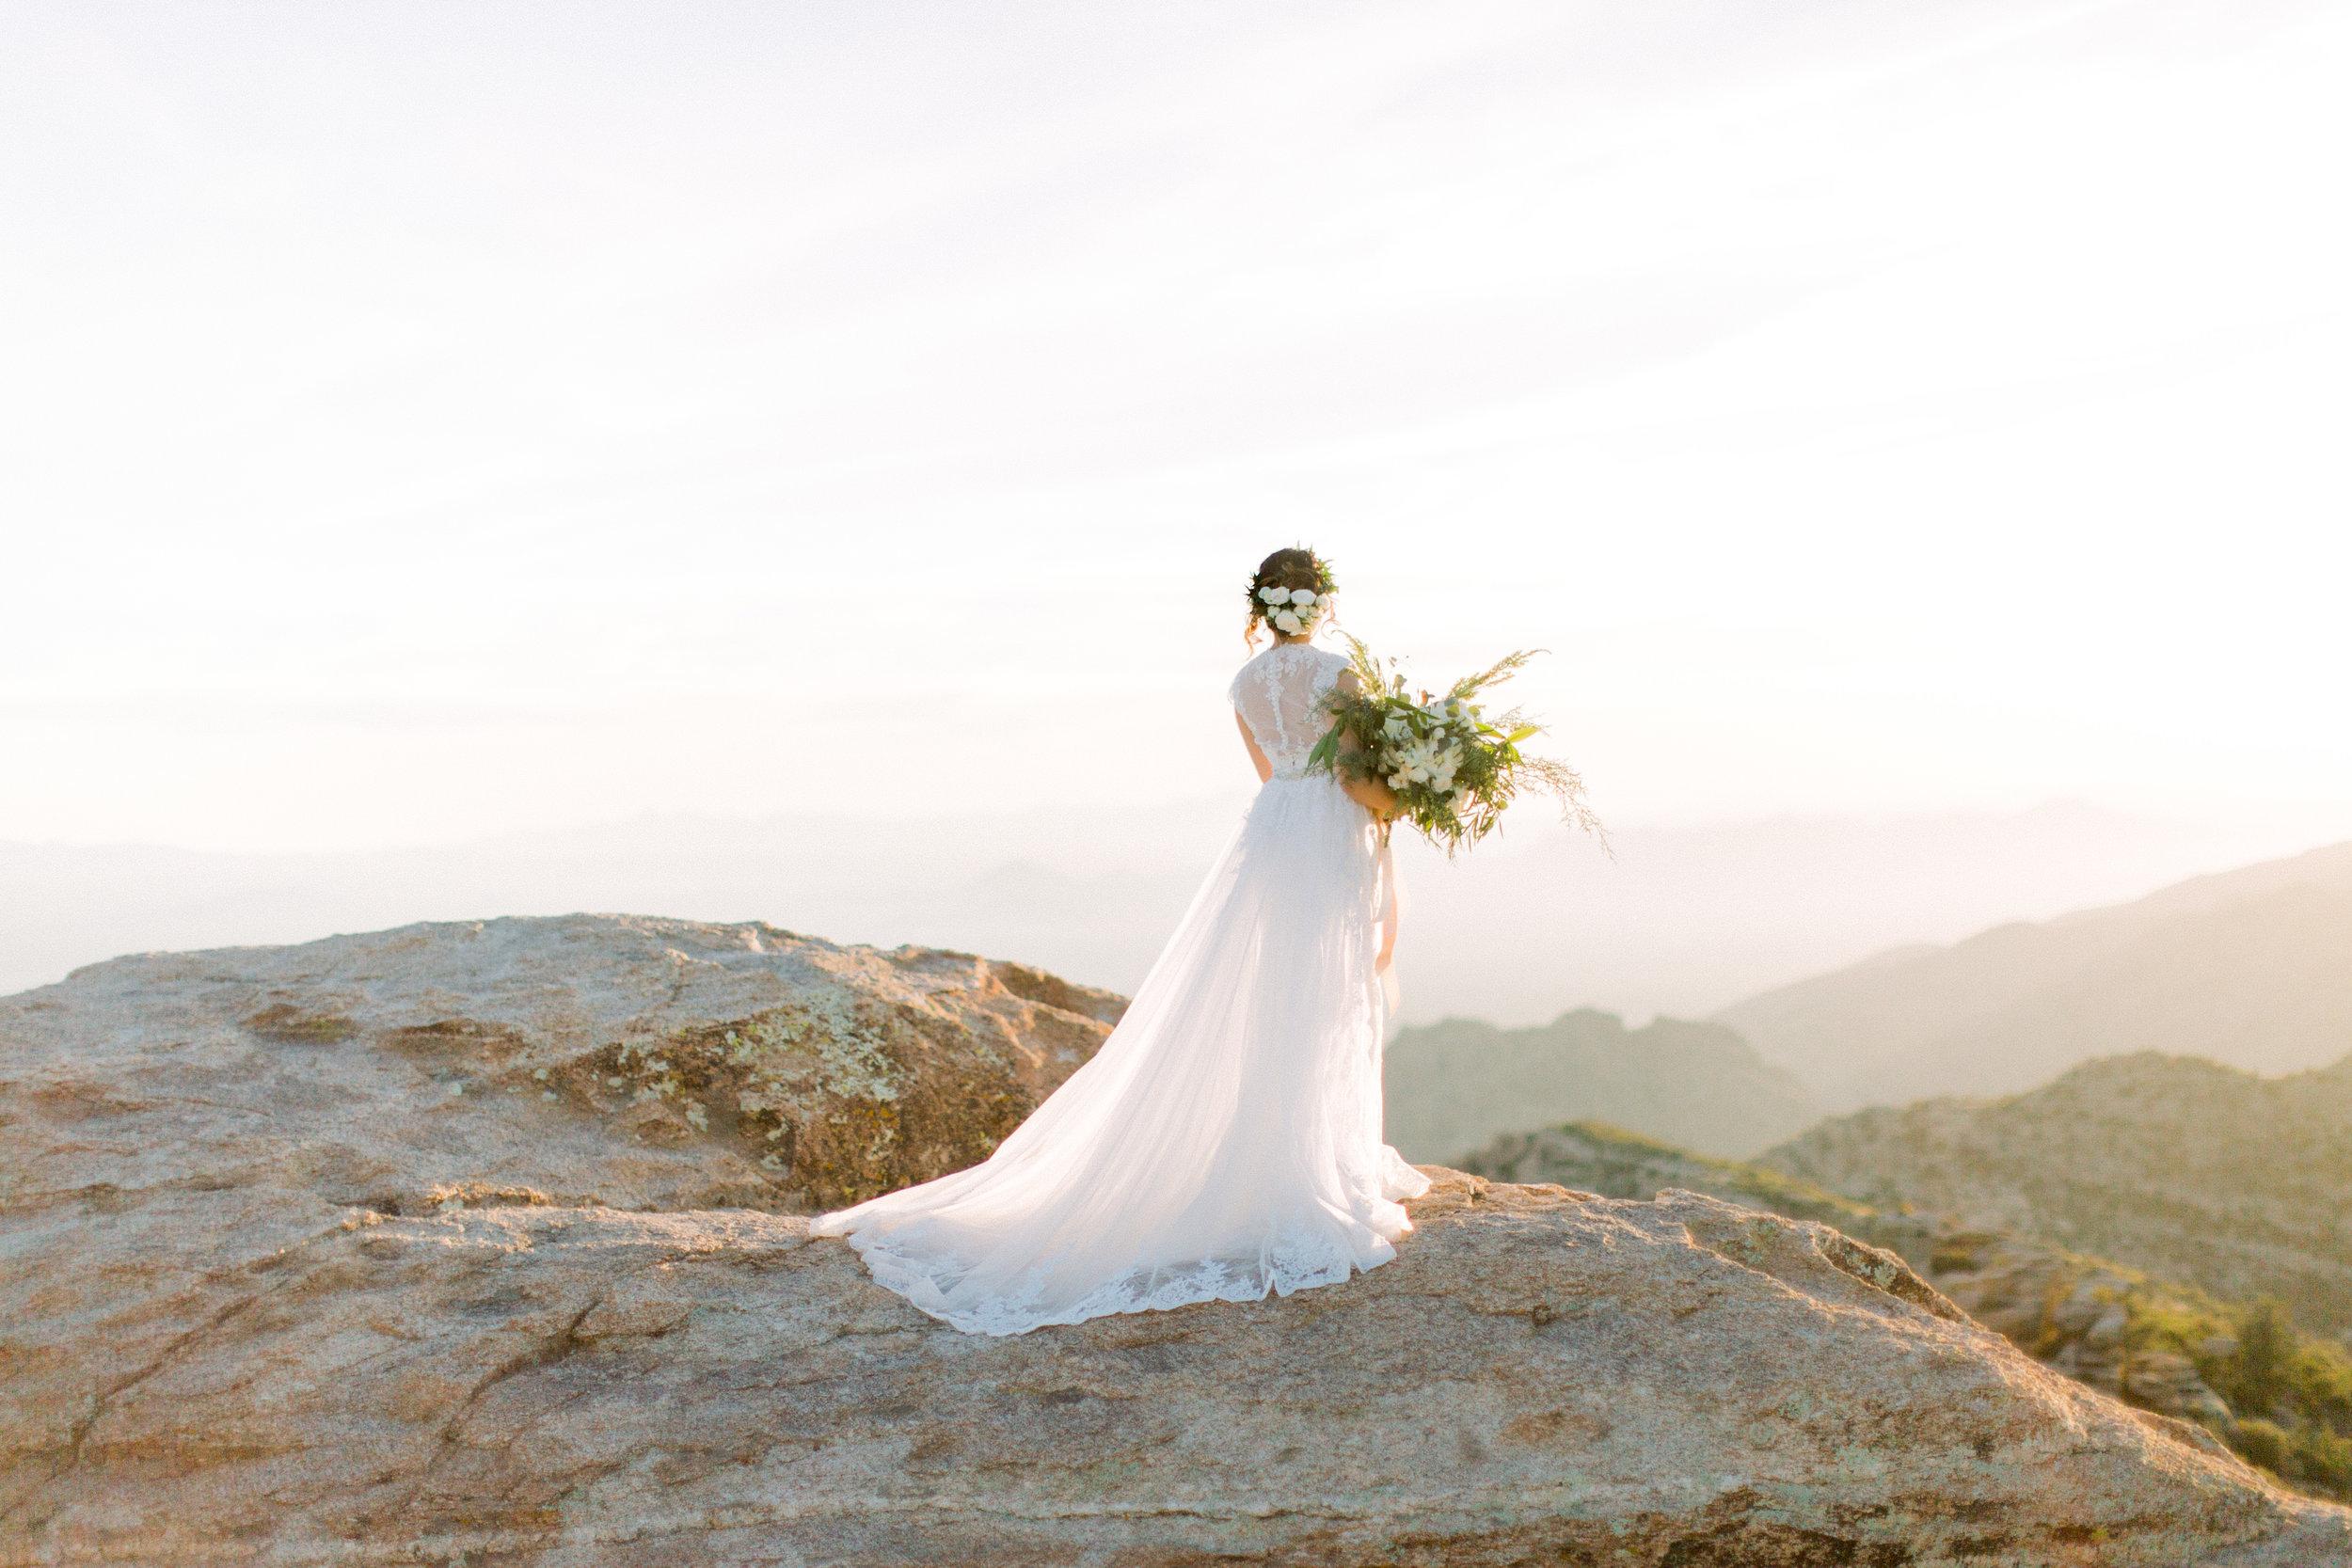 mount-lemmon-wedding-photographer-brealyn-nenes